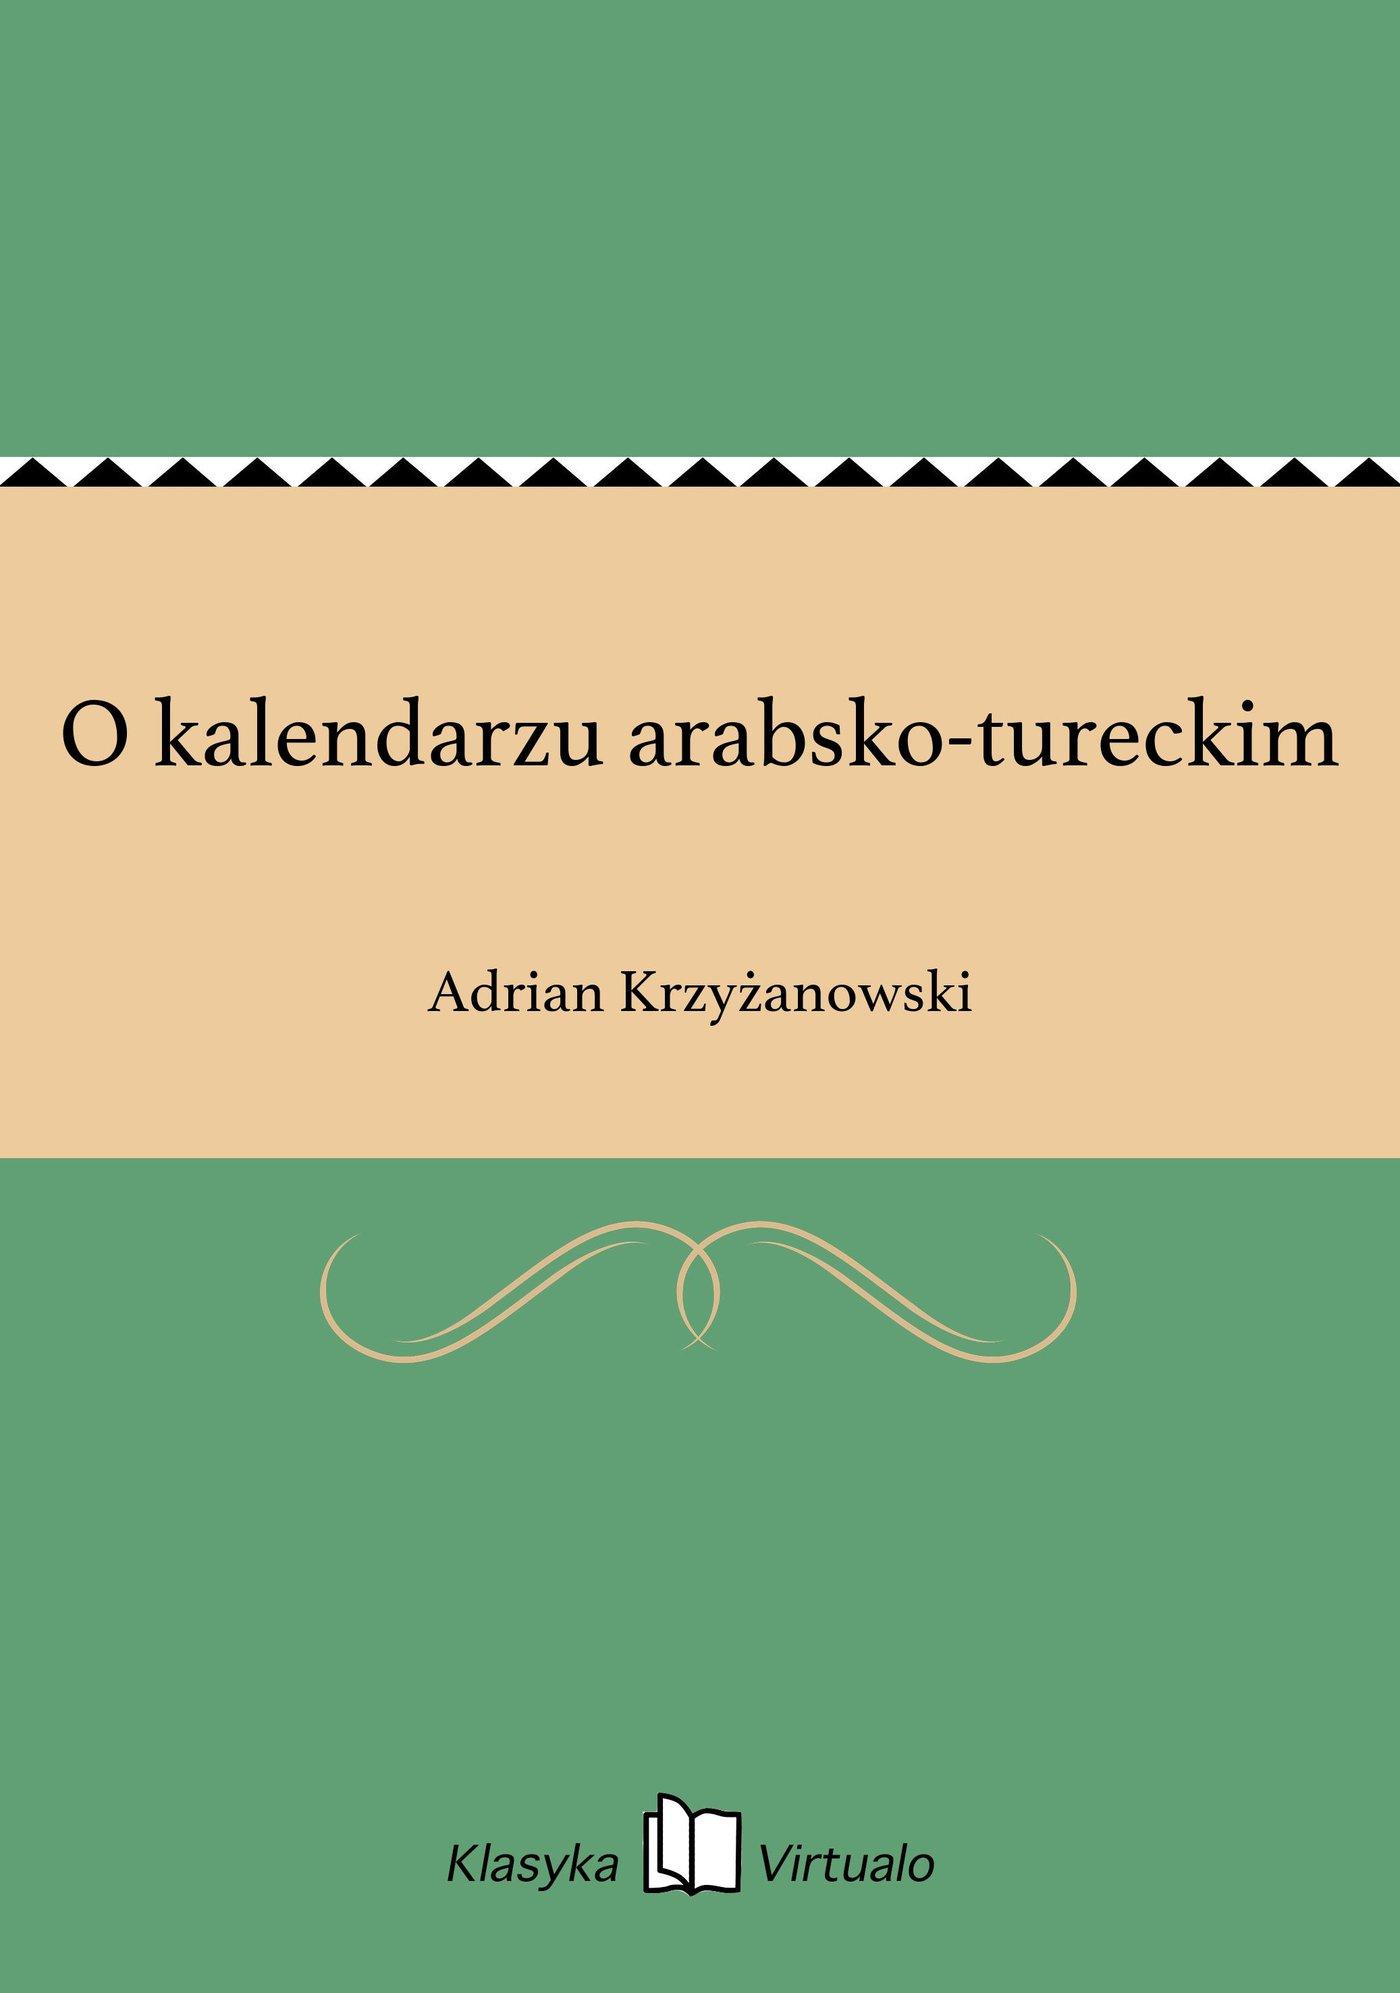 O kalendarzu arabsko-tureckim - Ebook (Książka EPUB) do pobrania w formacie EPUB